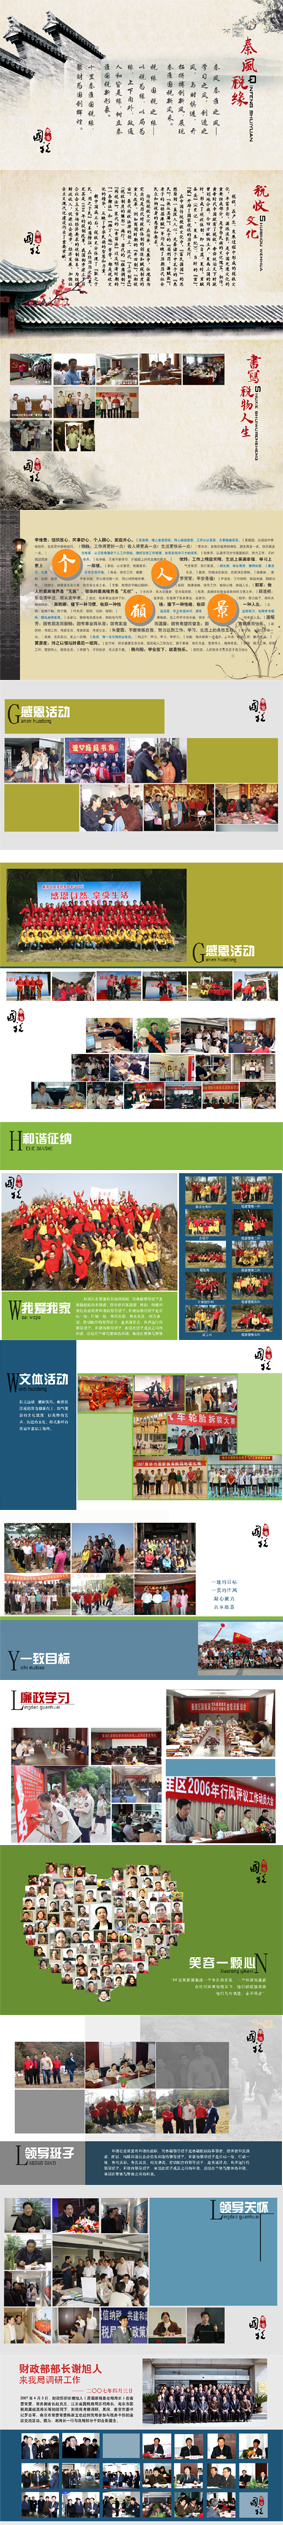 南京秦淮国税长廊展板设计